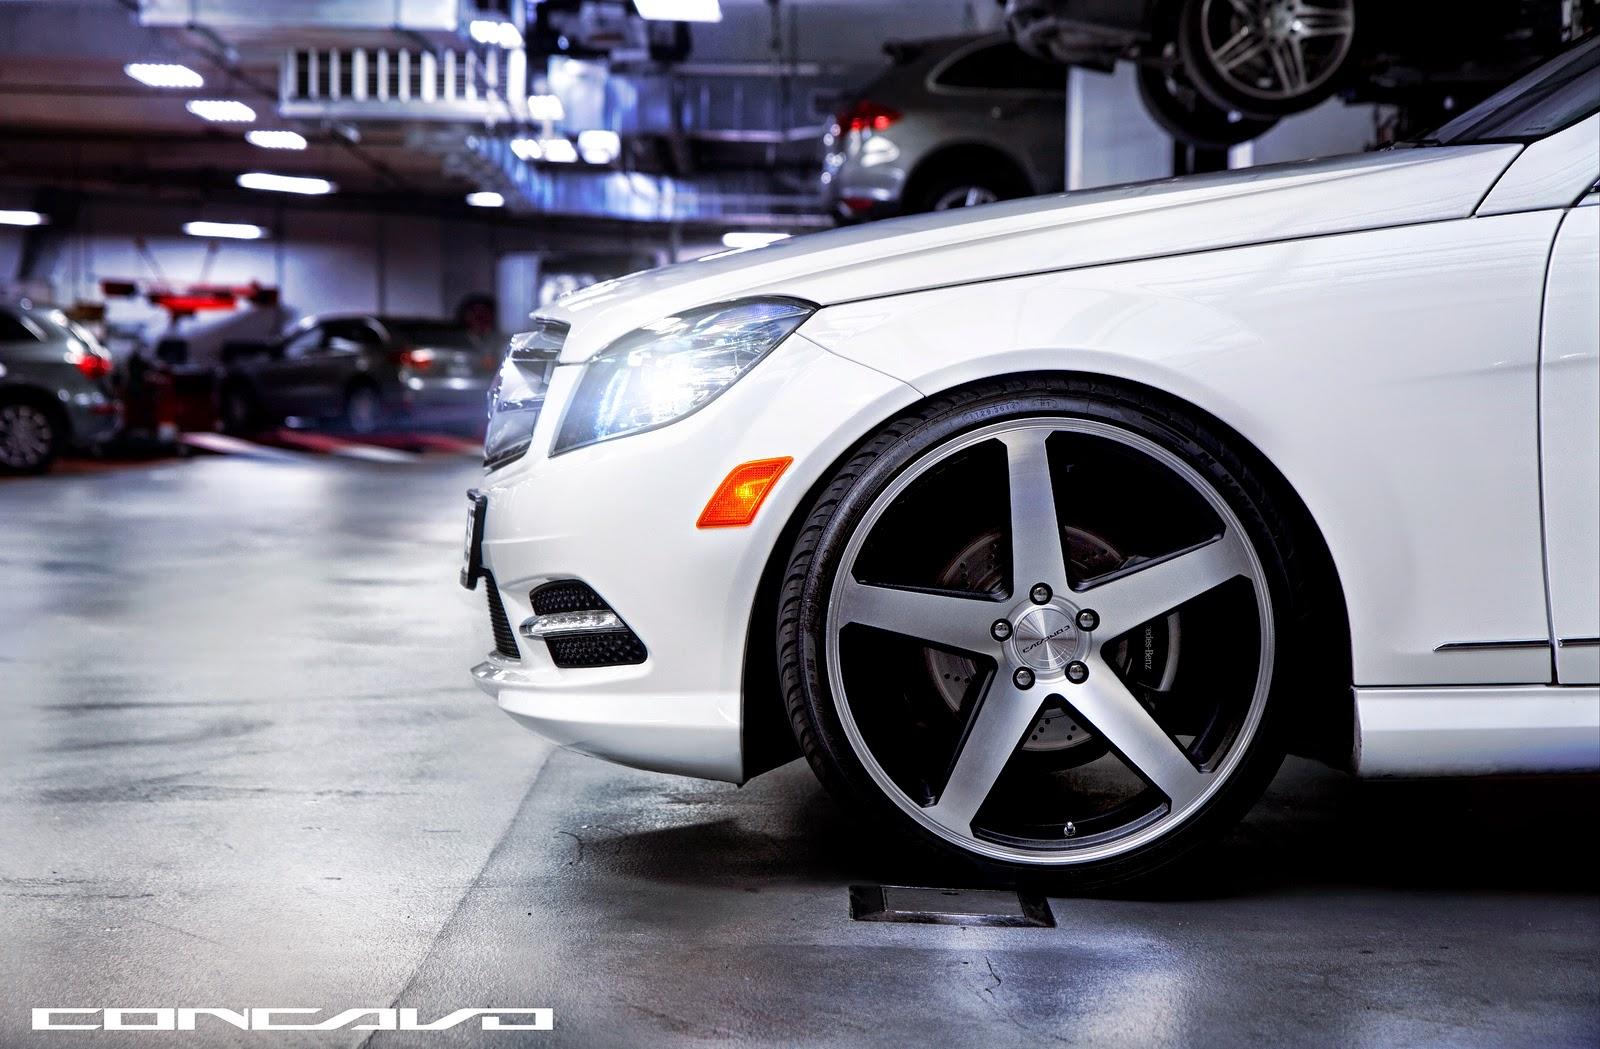 w204 r20 wheels